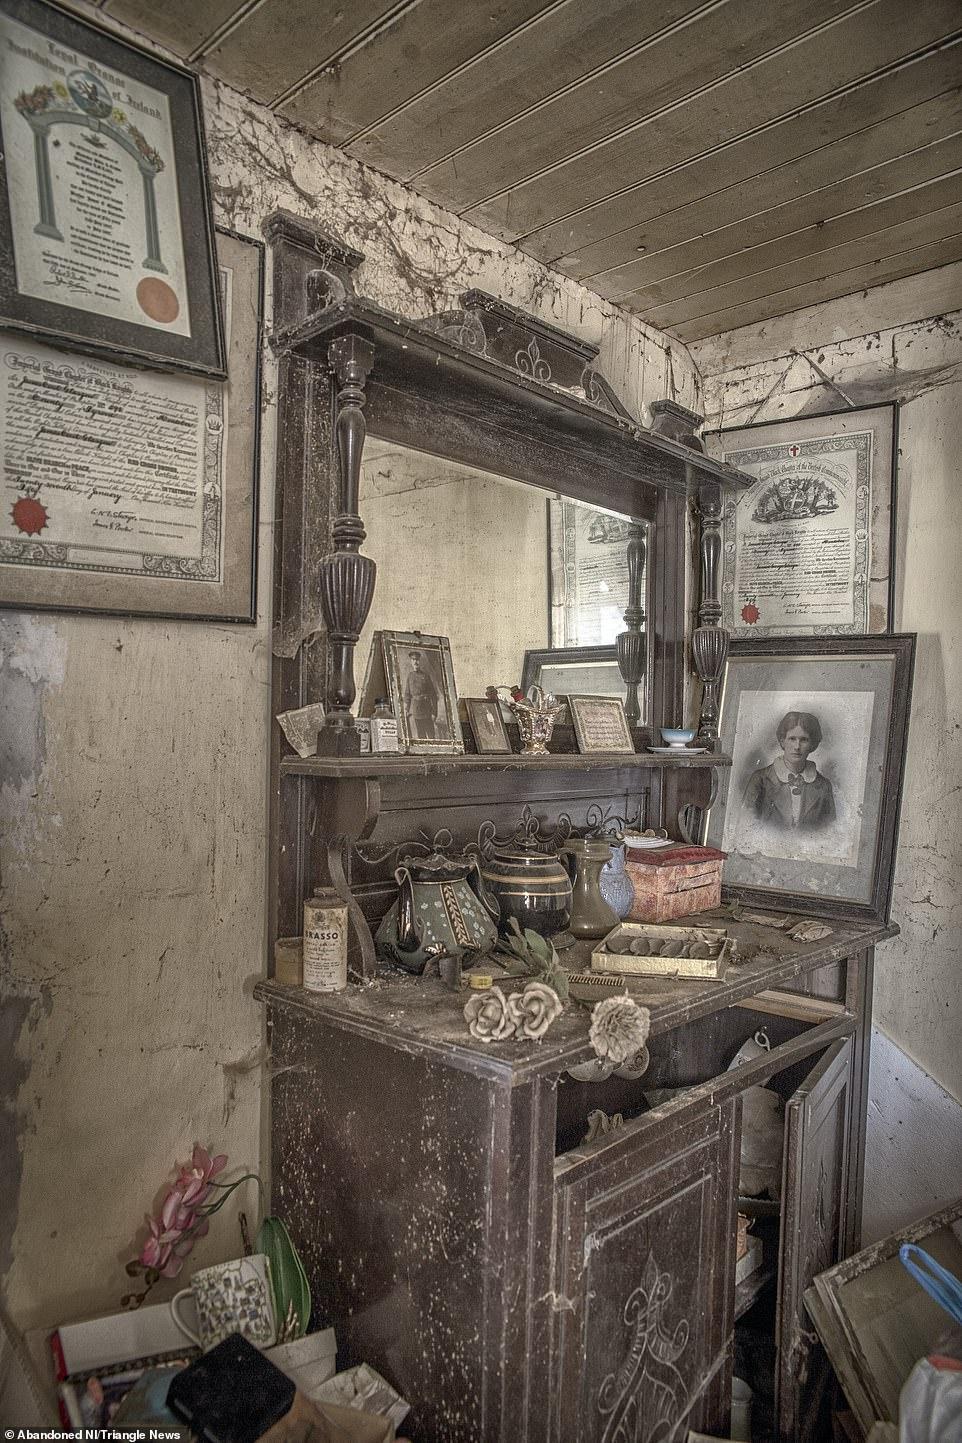 Ngỡ ngàng ngôi nhà bỏ hoang, bên trong toàn đồ cổ phủ bụi - 8